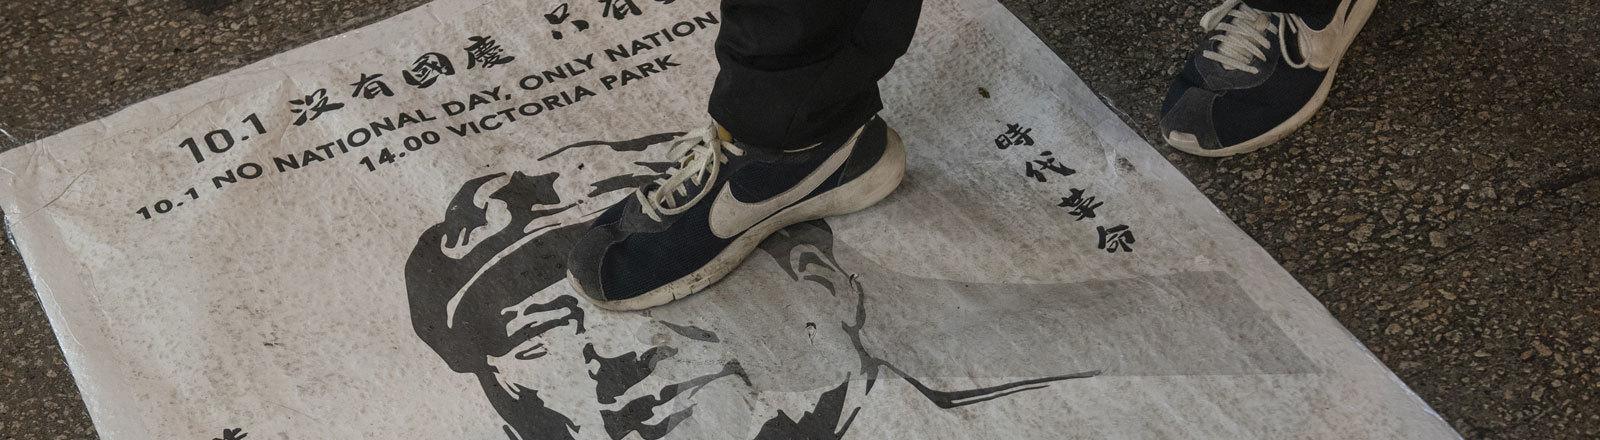 Proteste in Hongkong: Ein Plakat liegt auf dem Boden. Es zeigt Chinas Begründer Mao Zedong. Darauf steht ein Demonstrant mit seinen Schuhen (29.09.2019); Foto: dpa